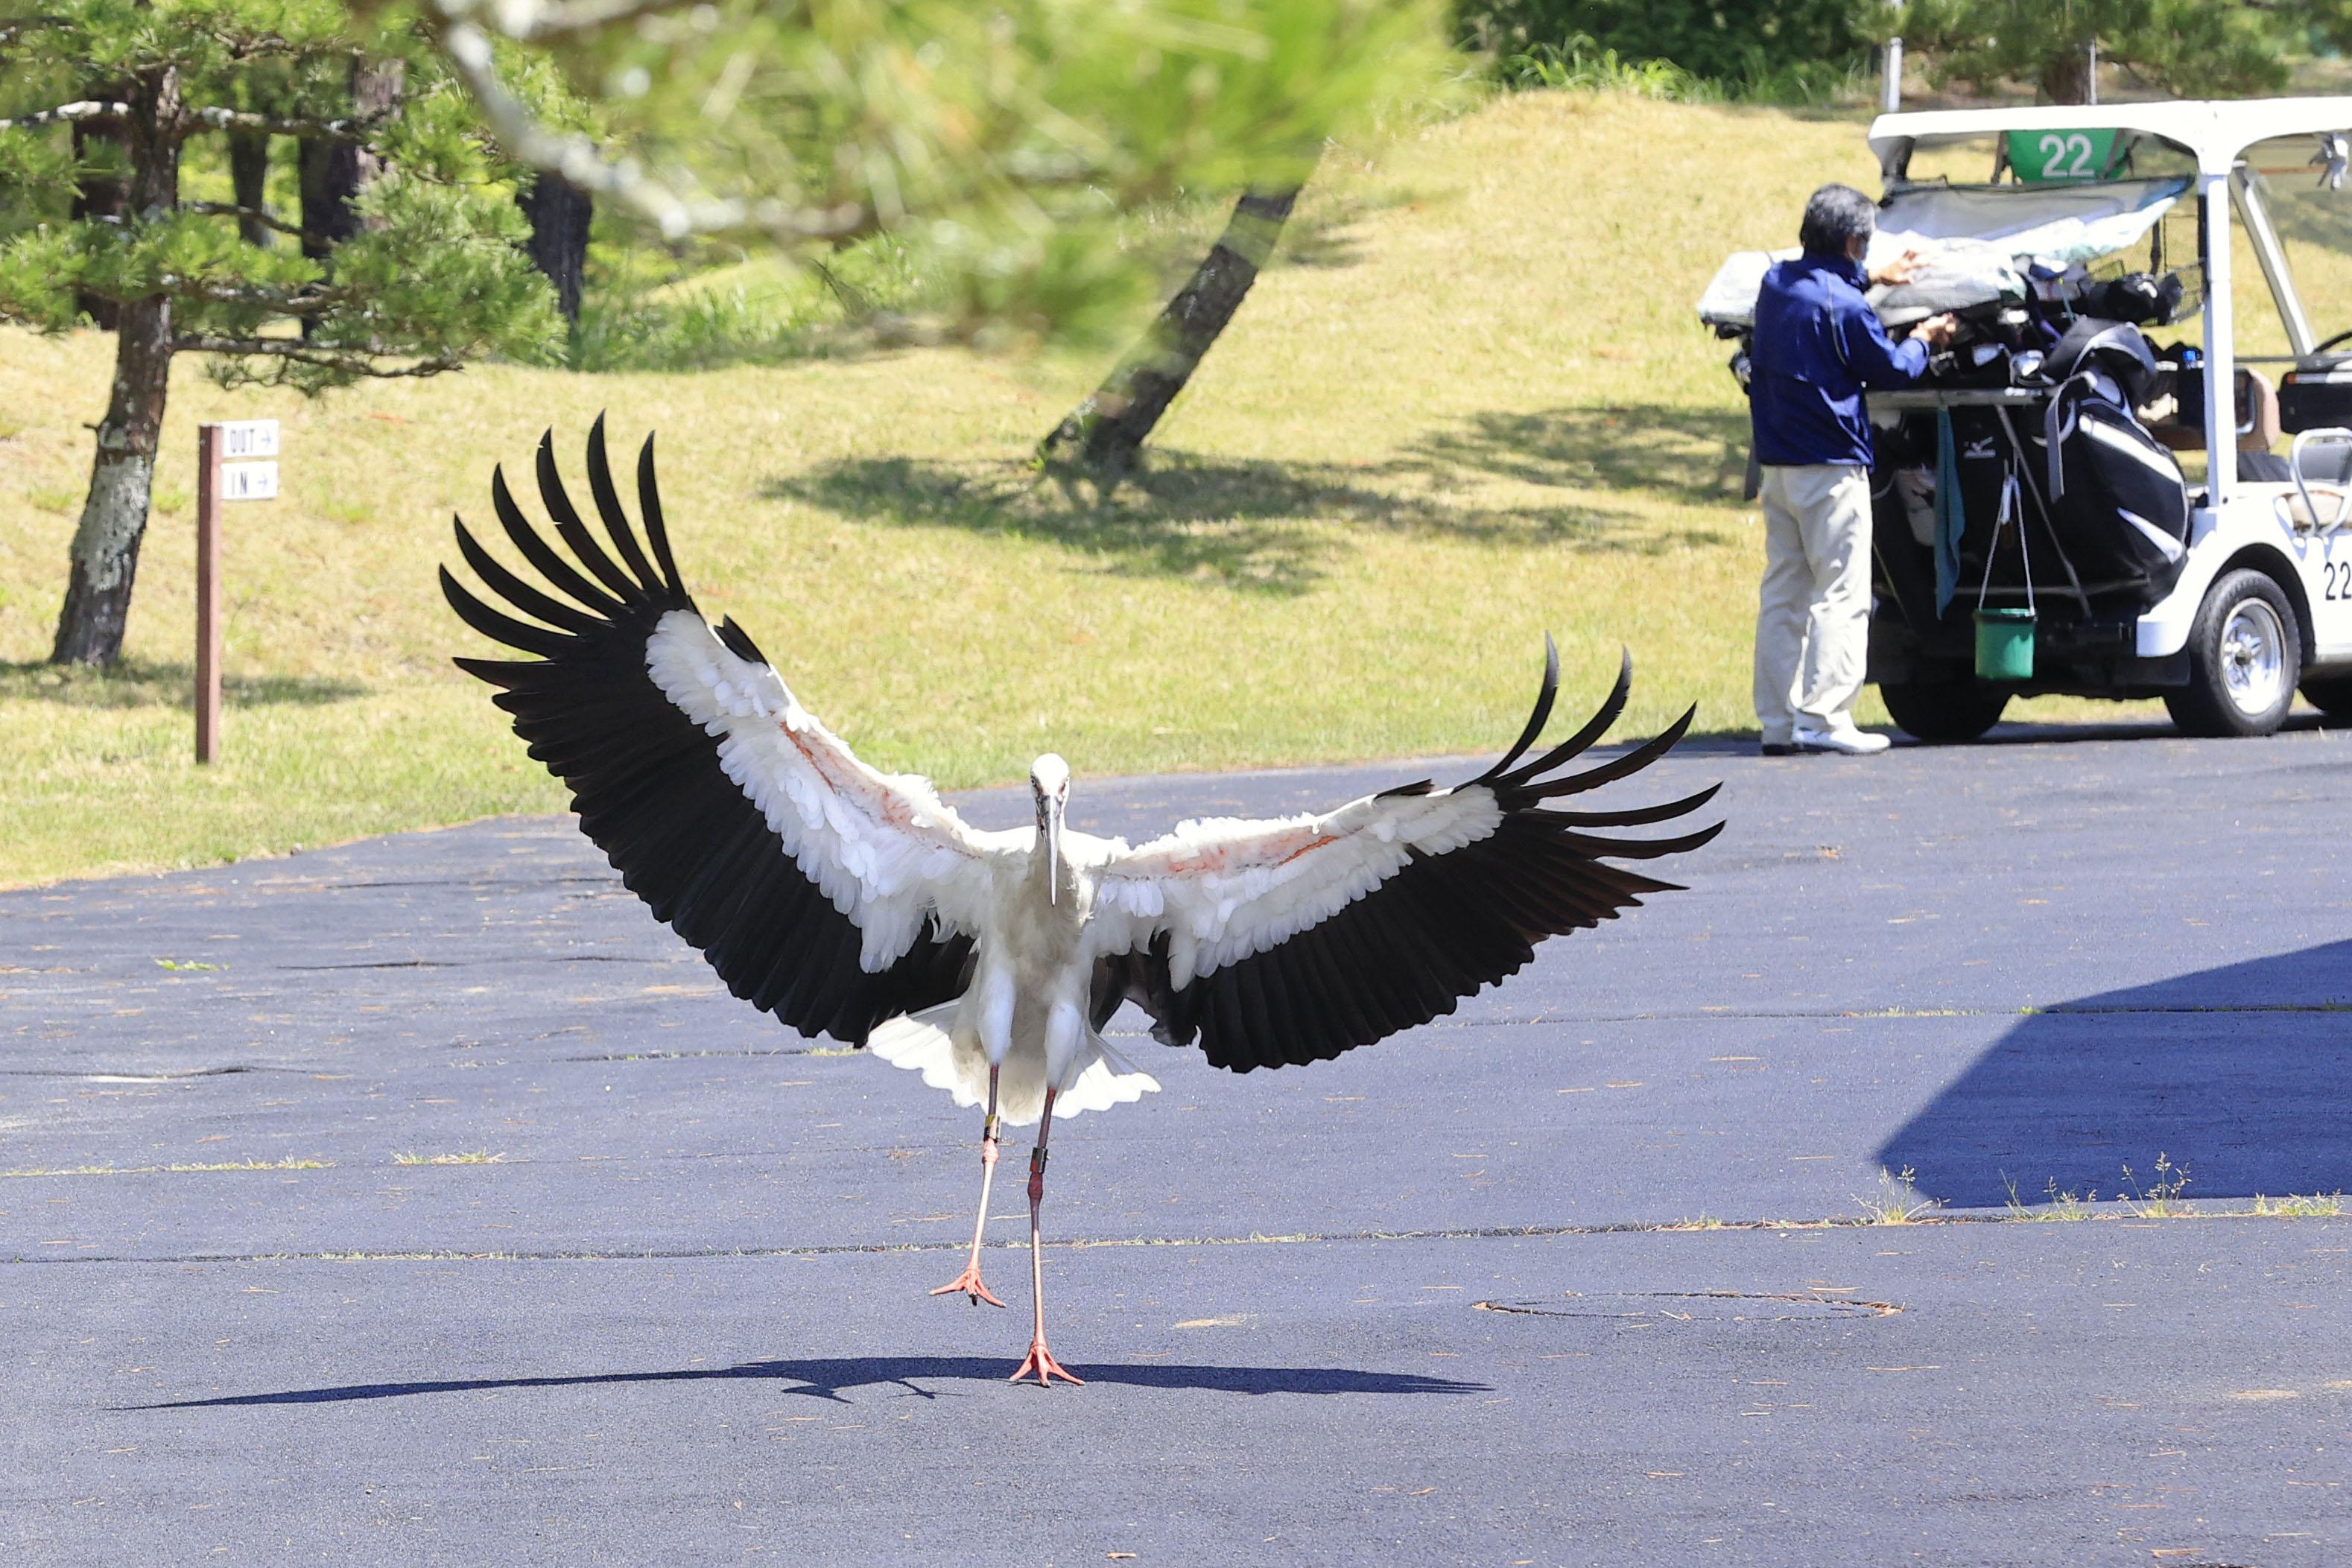 宮城県川崎町のゴルフ場で、カートのそばで翼を広げるコウノトリ「きずな」=27日